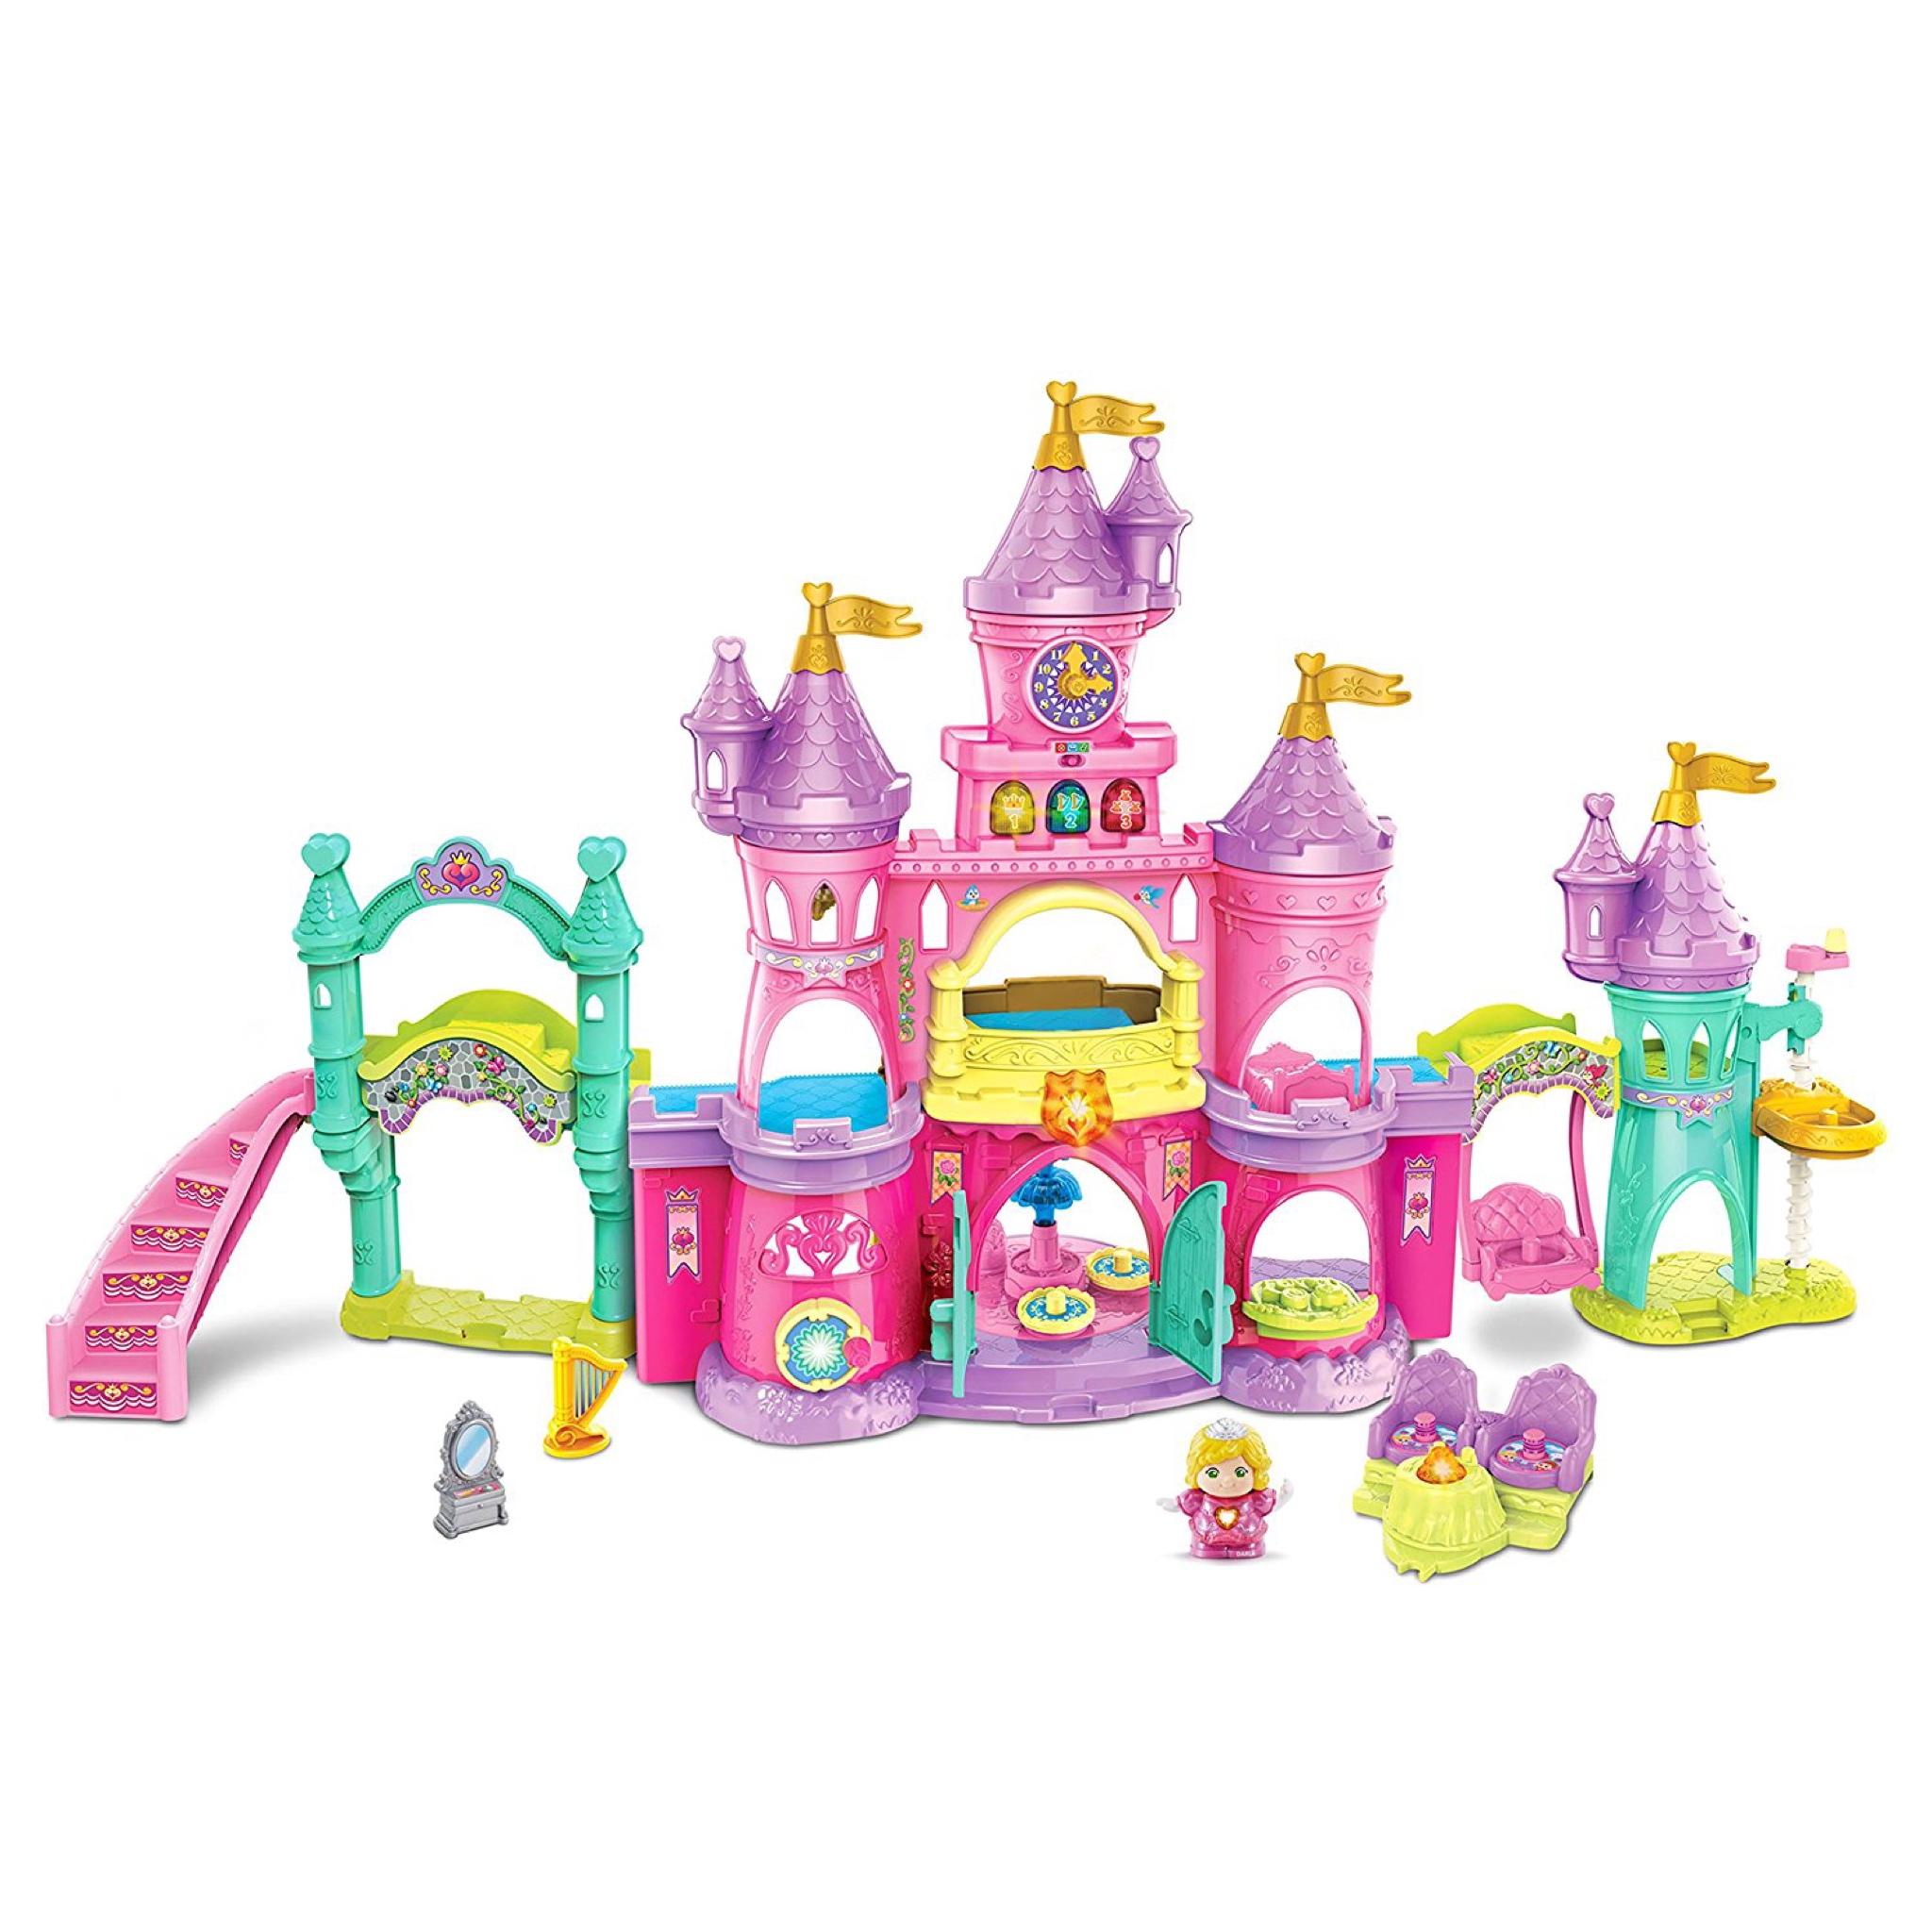 ปราสาทเจ้าหญิงสุดน่ารัก VTech Go! Go! Smart Friends Enchanted Princess Palace Playset